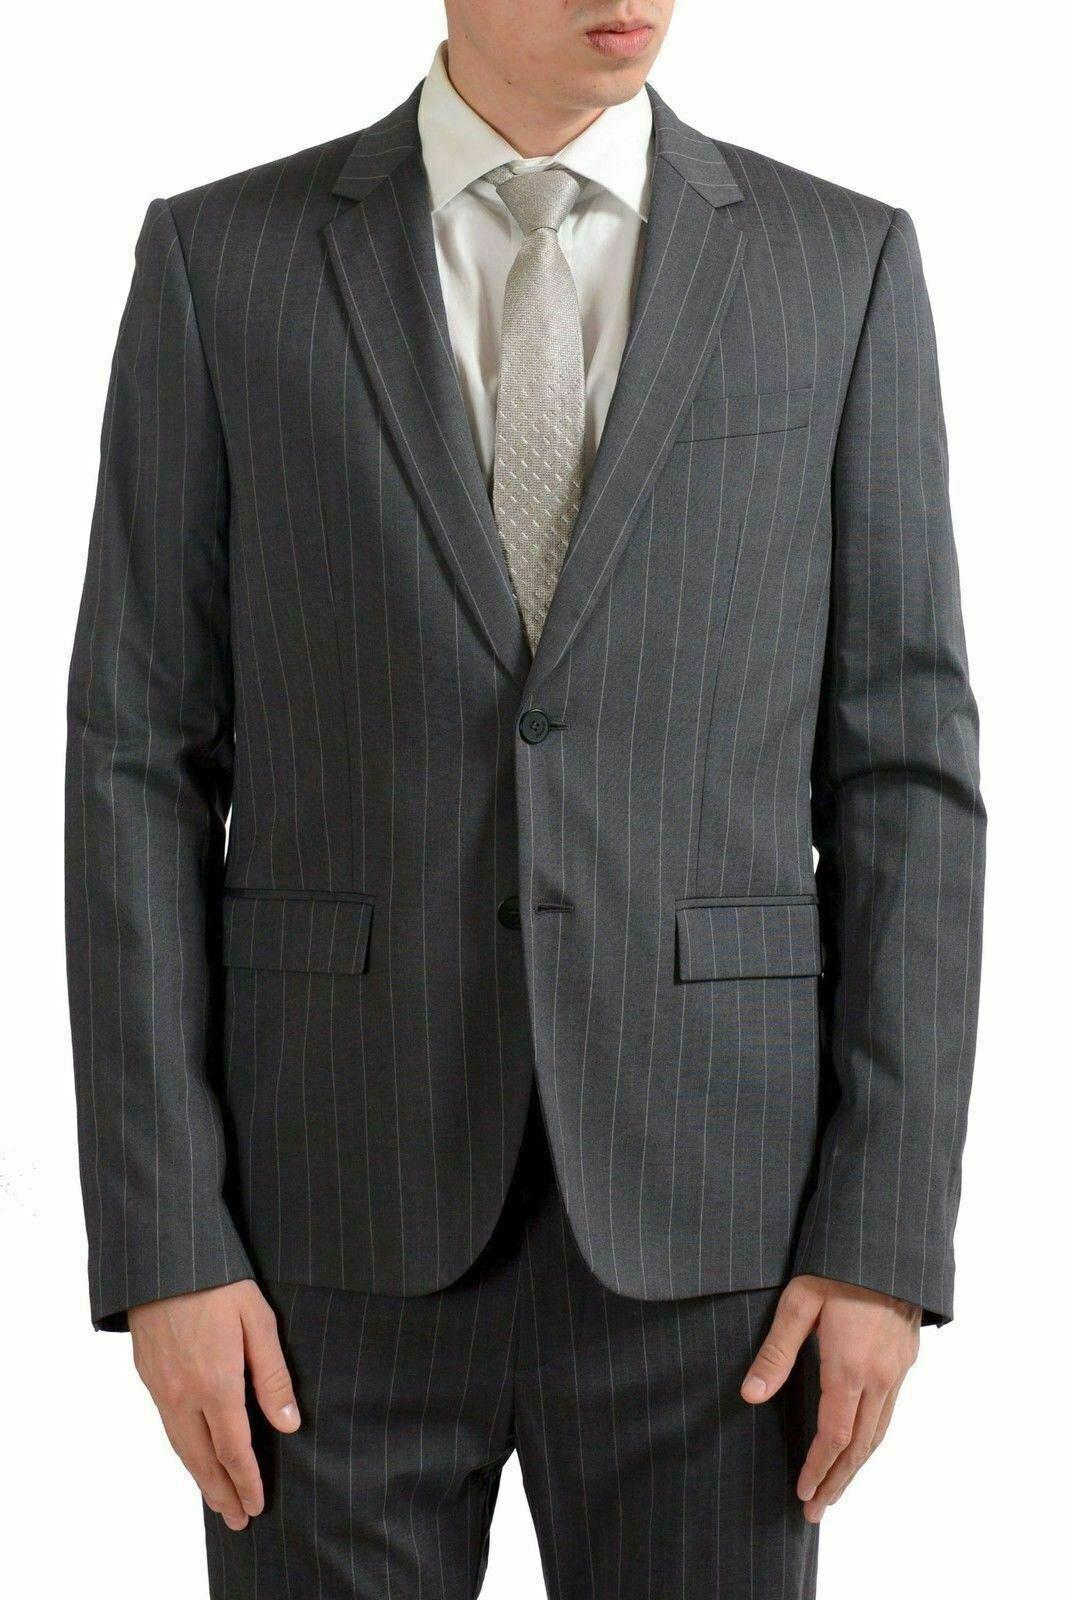 Just Cavalli Cavalli Cavalli Herren Wolle Grau Gestreift Zwei Knopfen Anzug Us 40 It 50  | Garantiere Qualität und Quantität  | Praktisch Und Wirtschaftlich  | Großer Räumungsverkauf  19930c